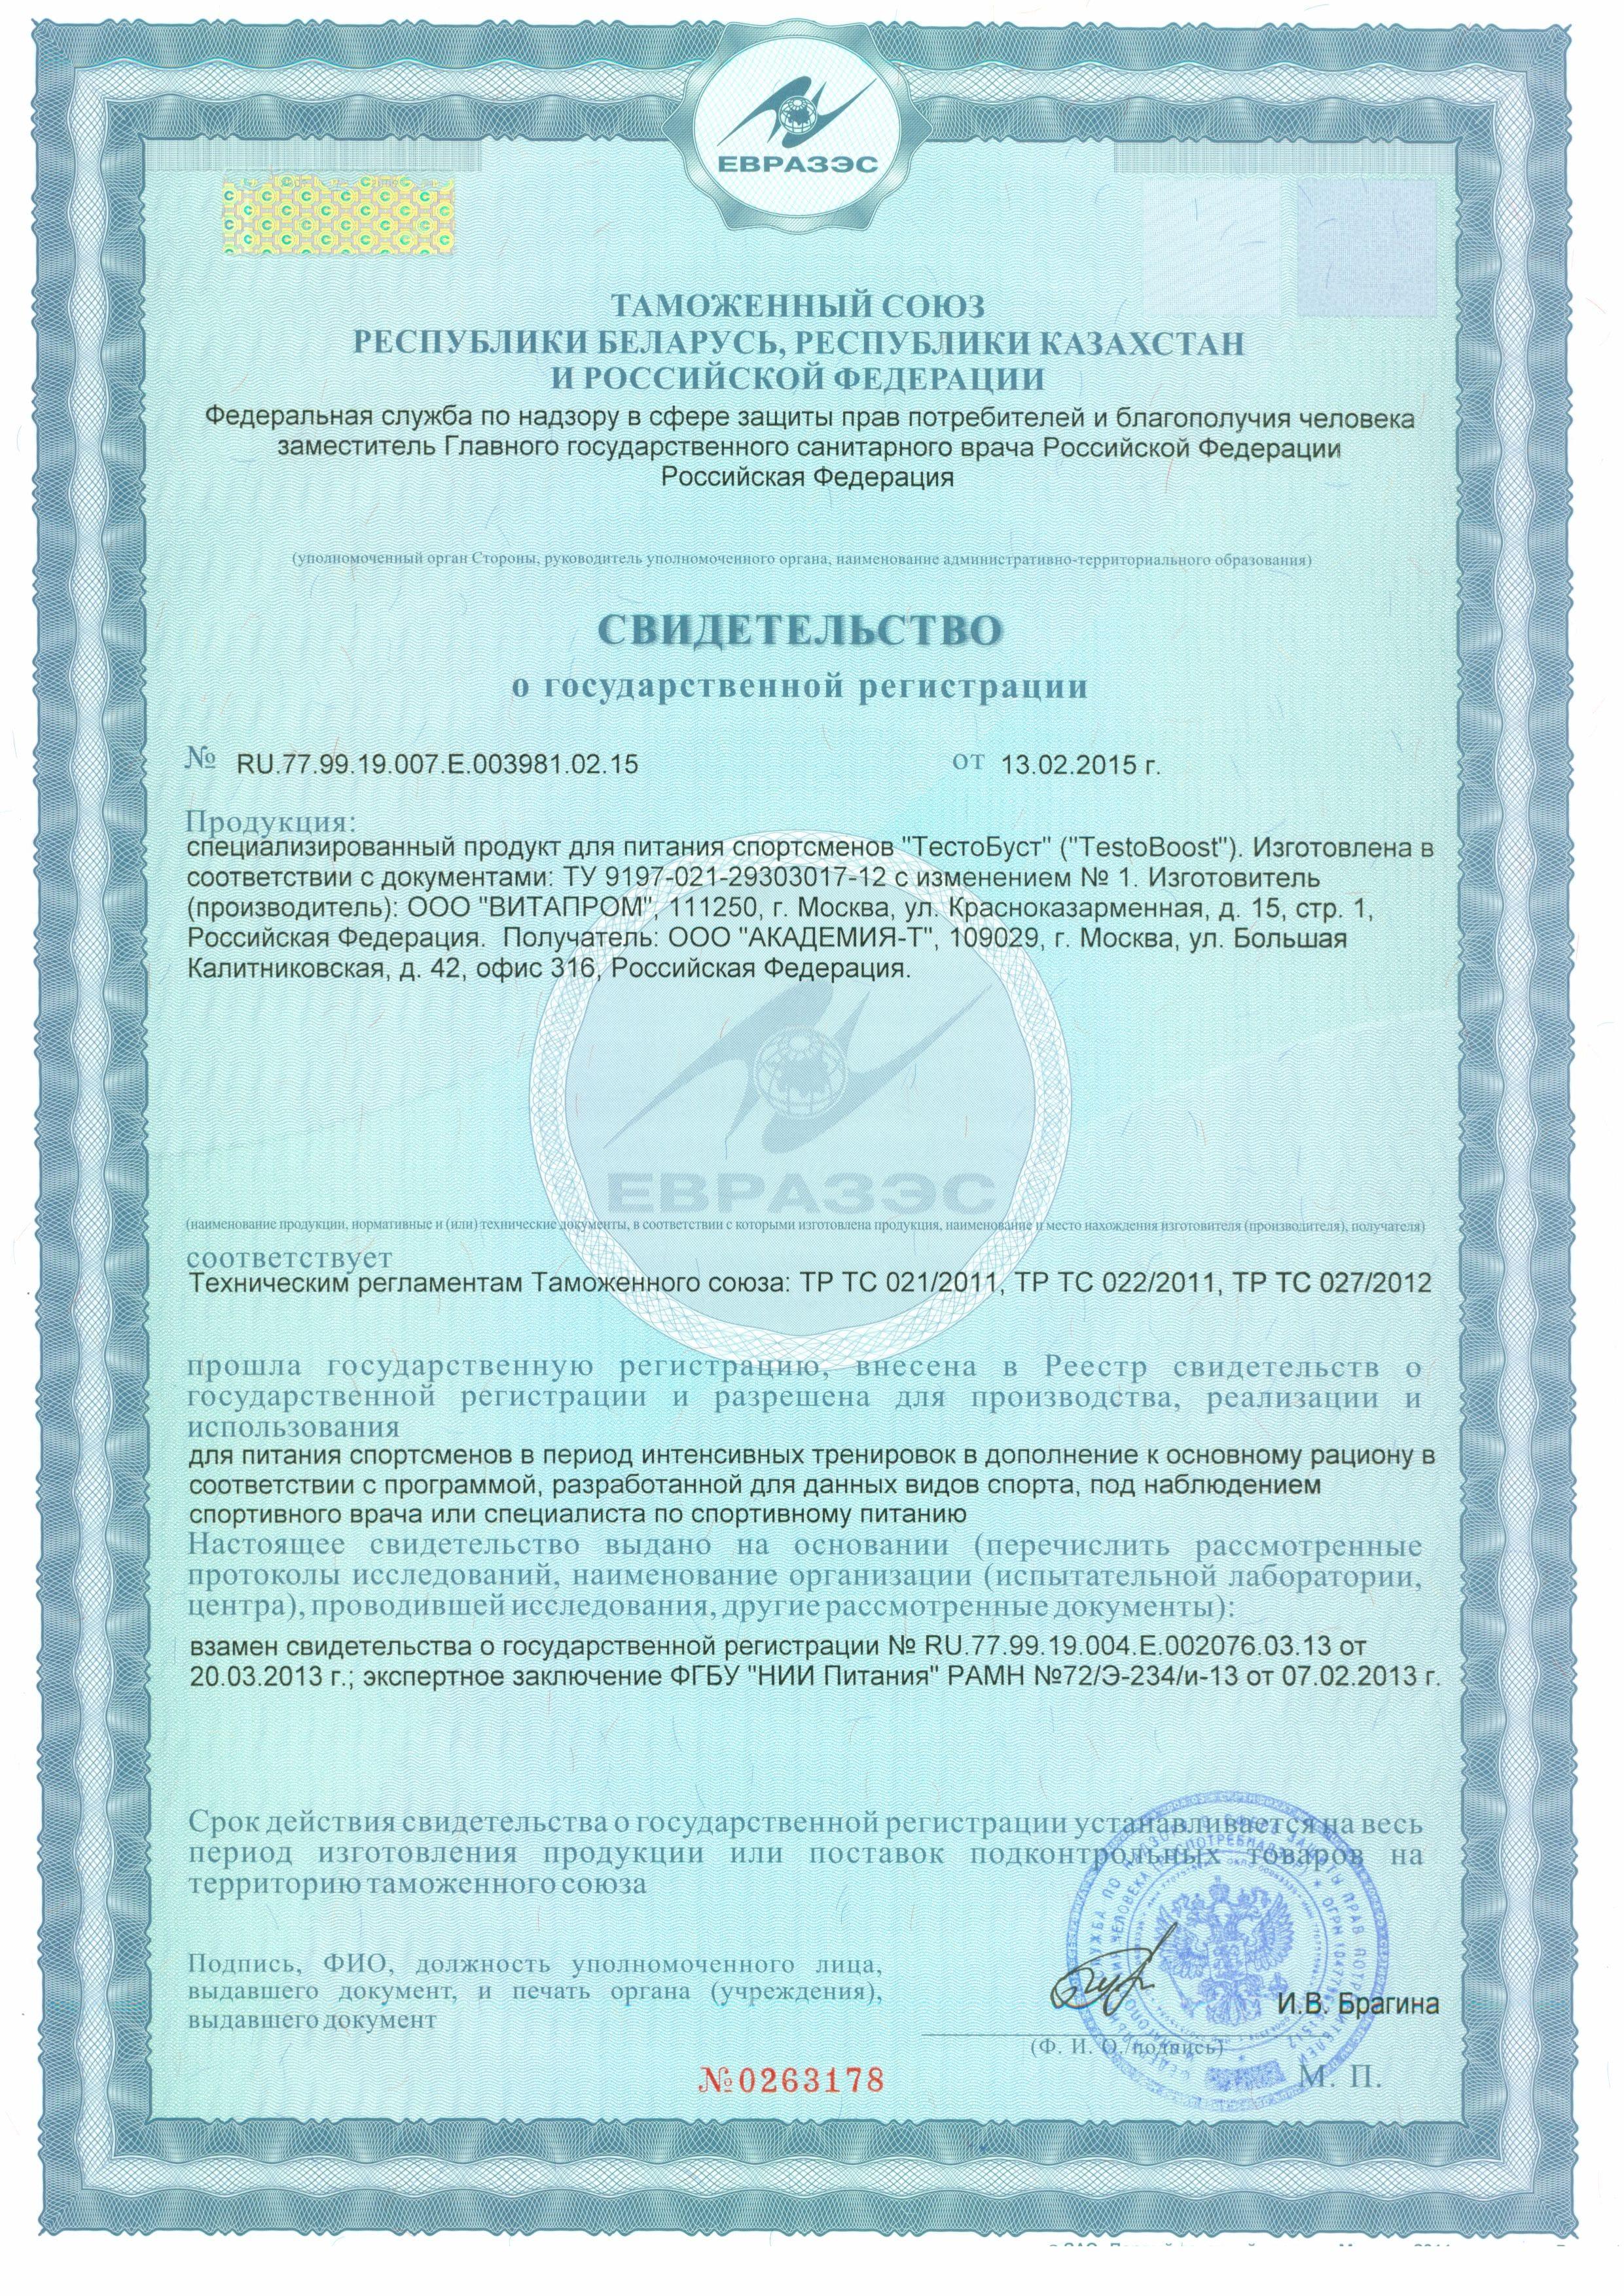 Сертификат TestoBoost®